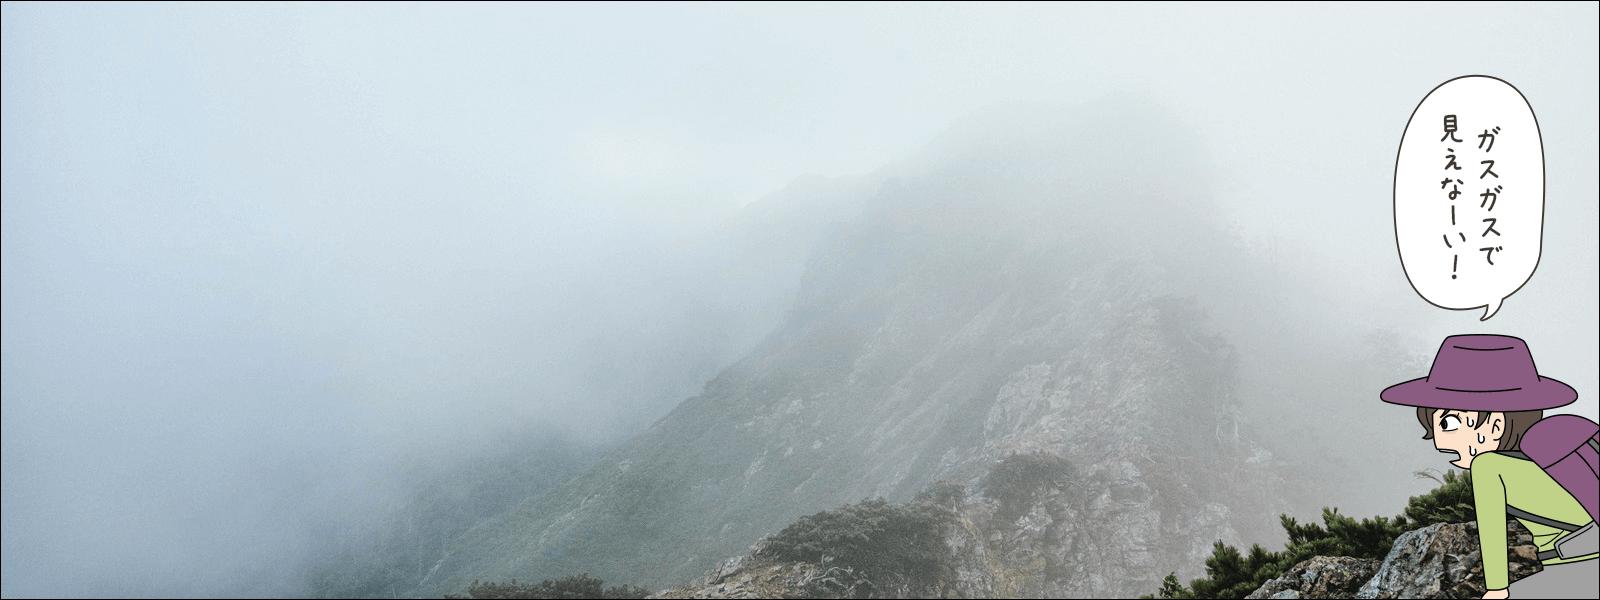 登山の基本は早出早着のイラスト1